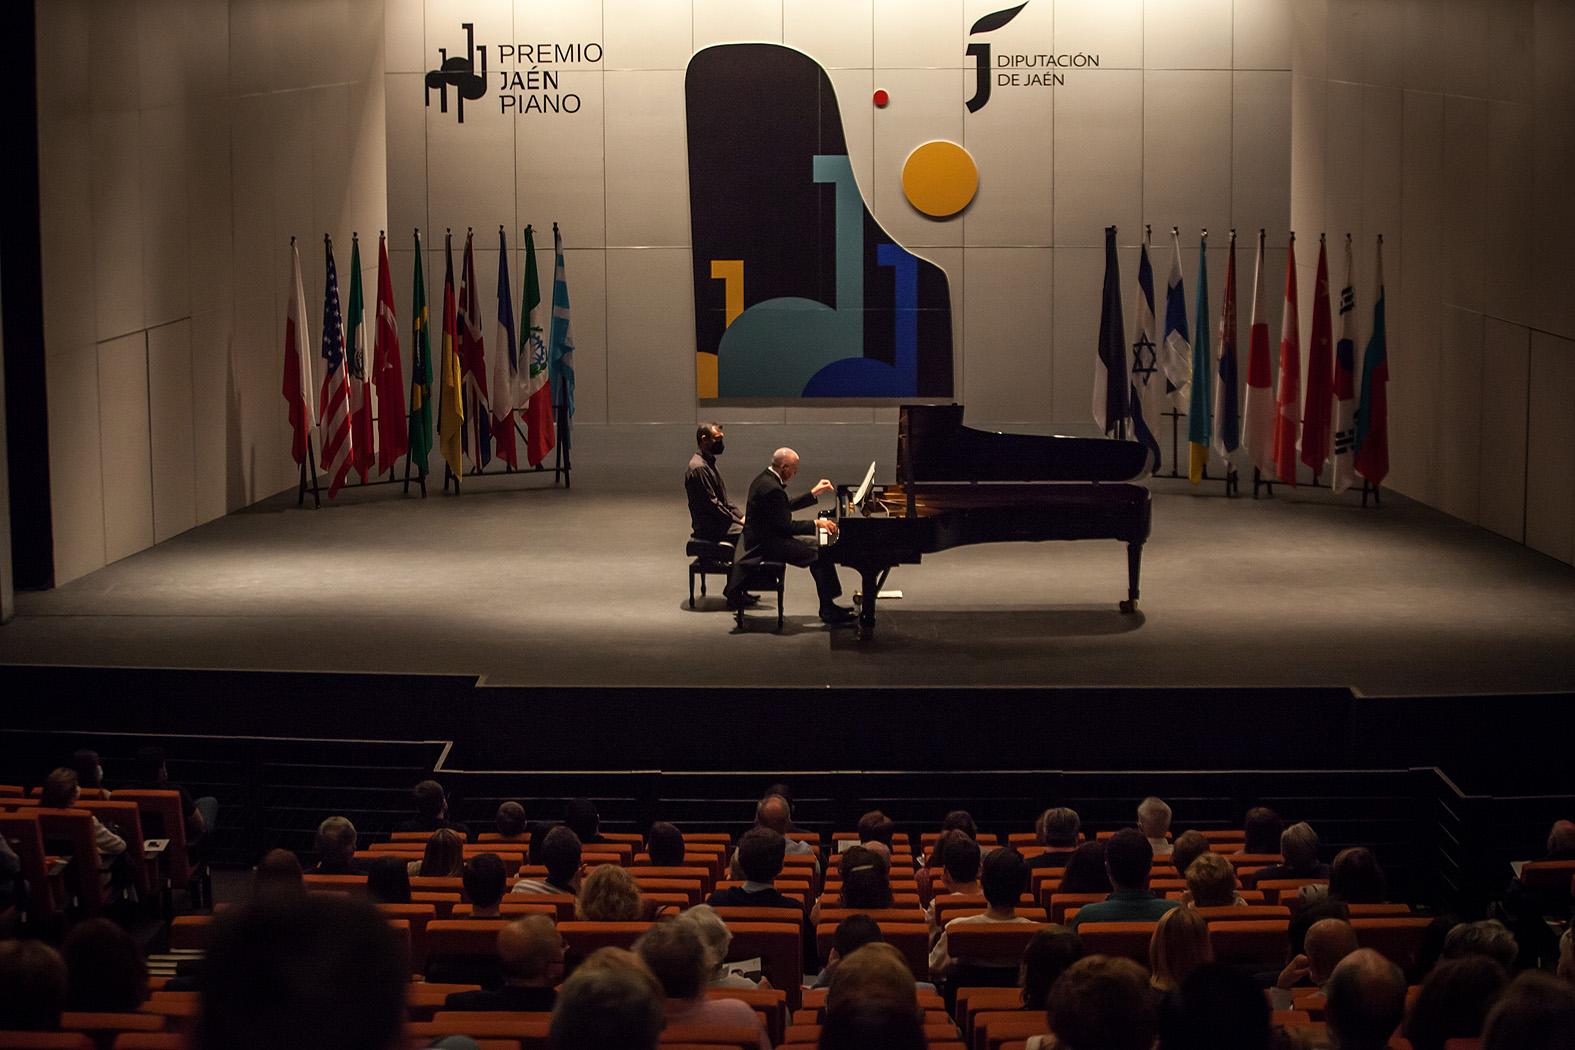 Concierto inaugural de Ivo Pogorelich 1